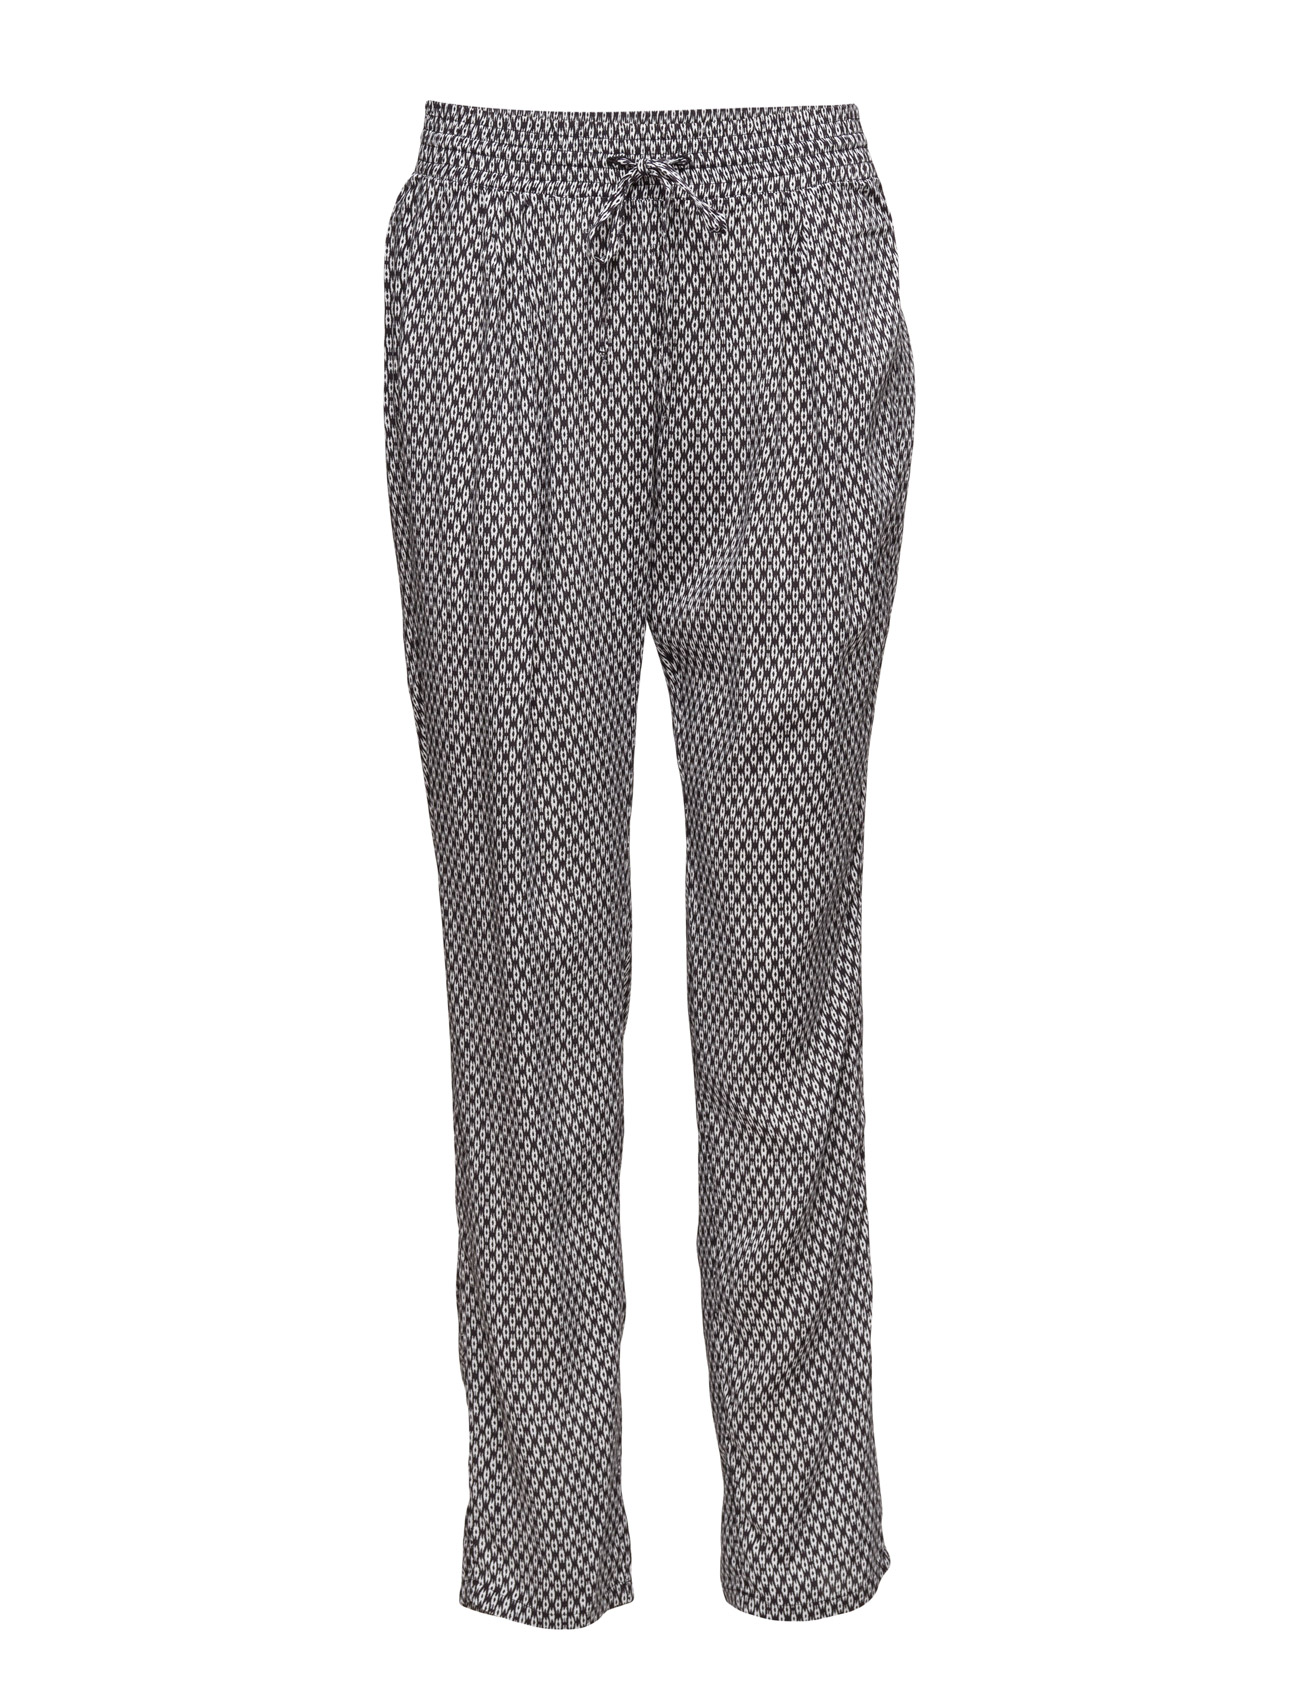 Trousers United Colors of Benetton Casual bukser til Kvinder